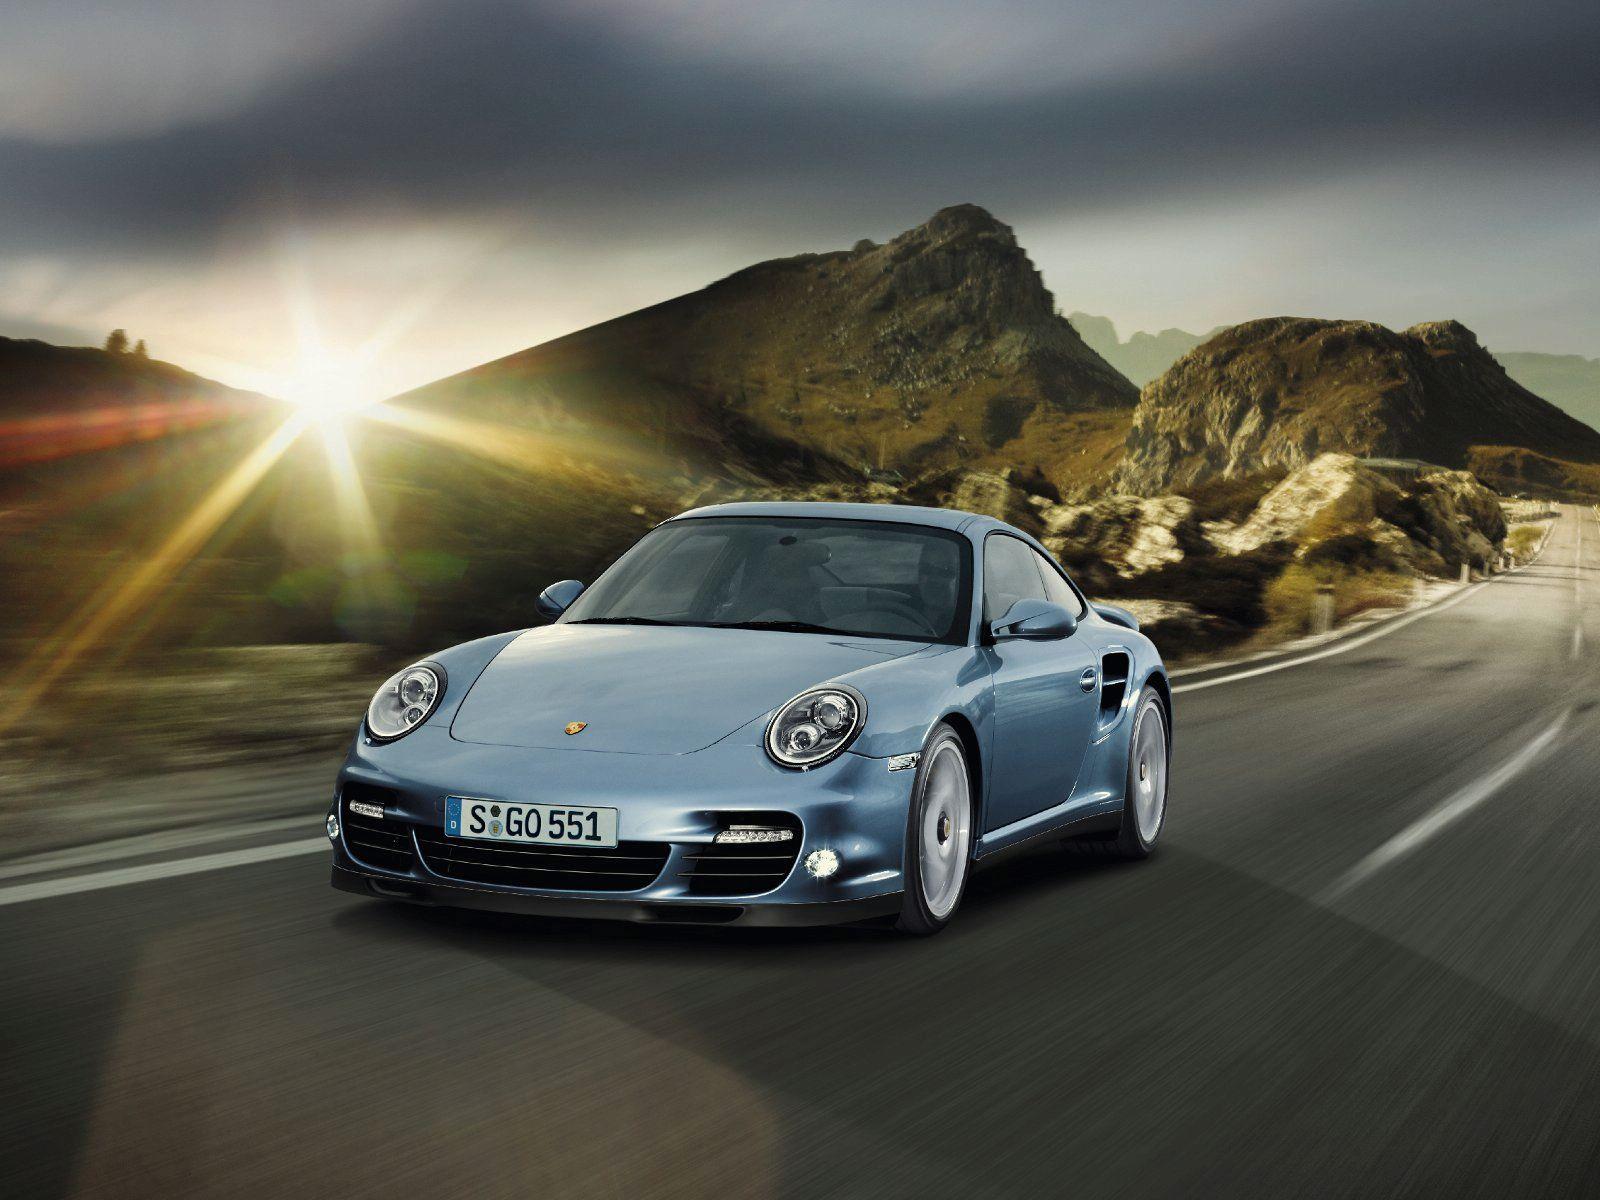 2011 porsche 911 turbo s the baddest german super car. Black Bedroom Furniture Sets. Home Design Ideas